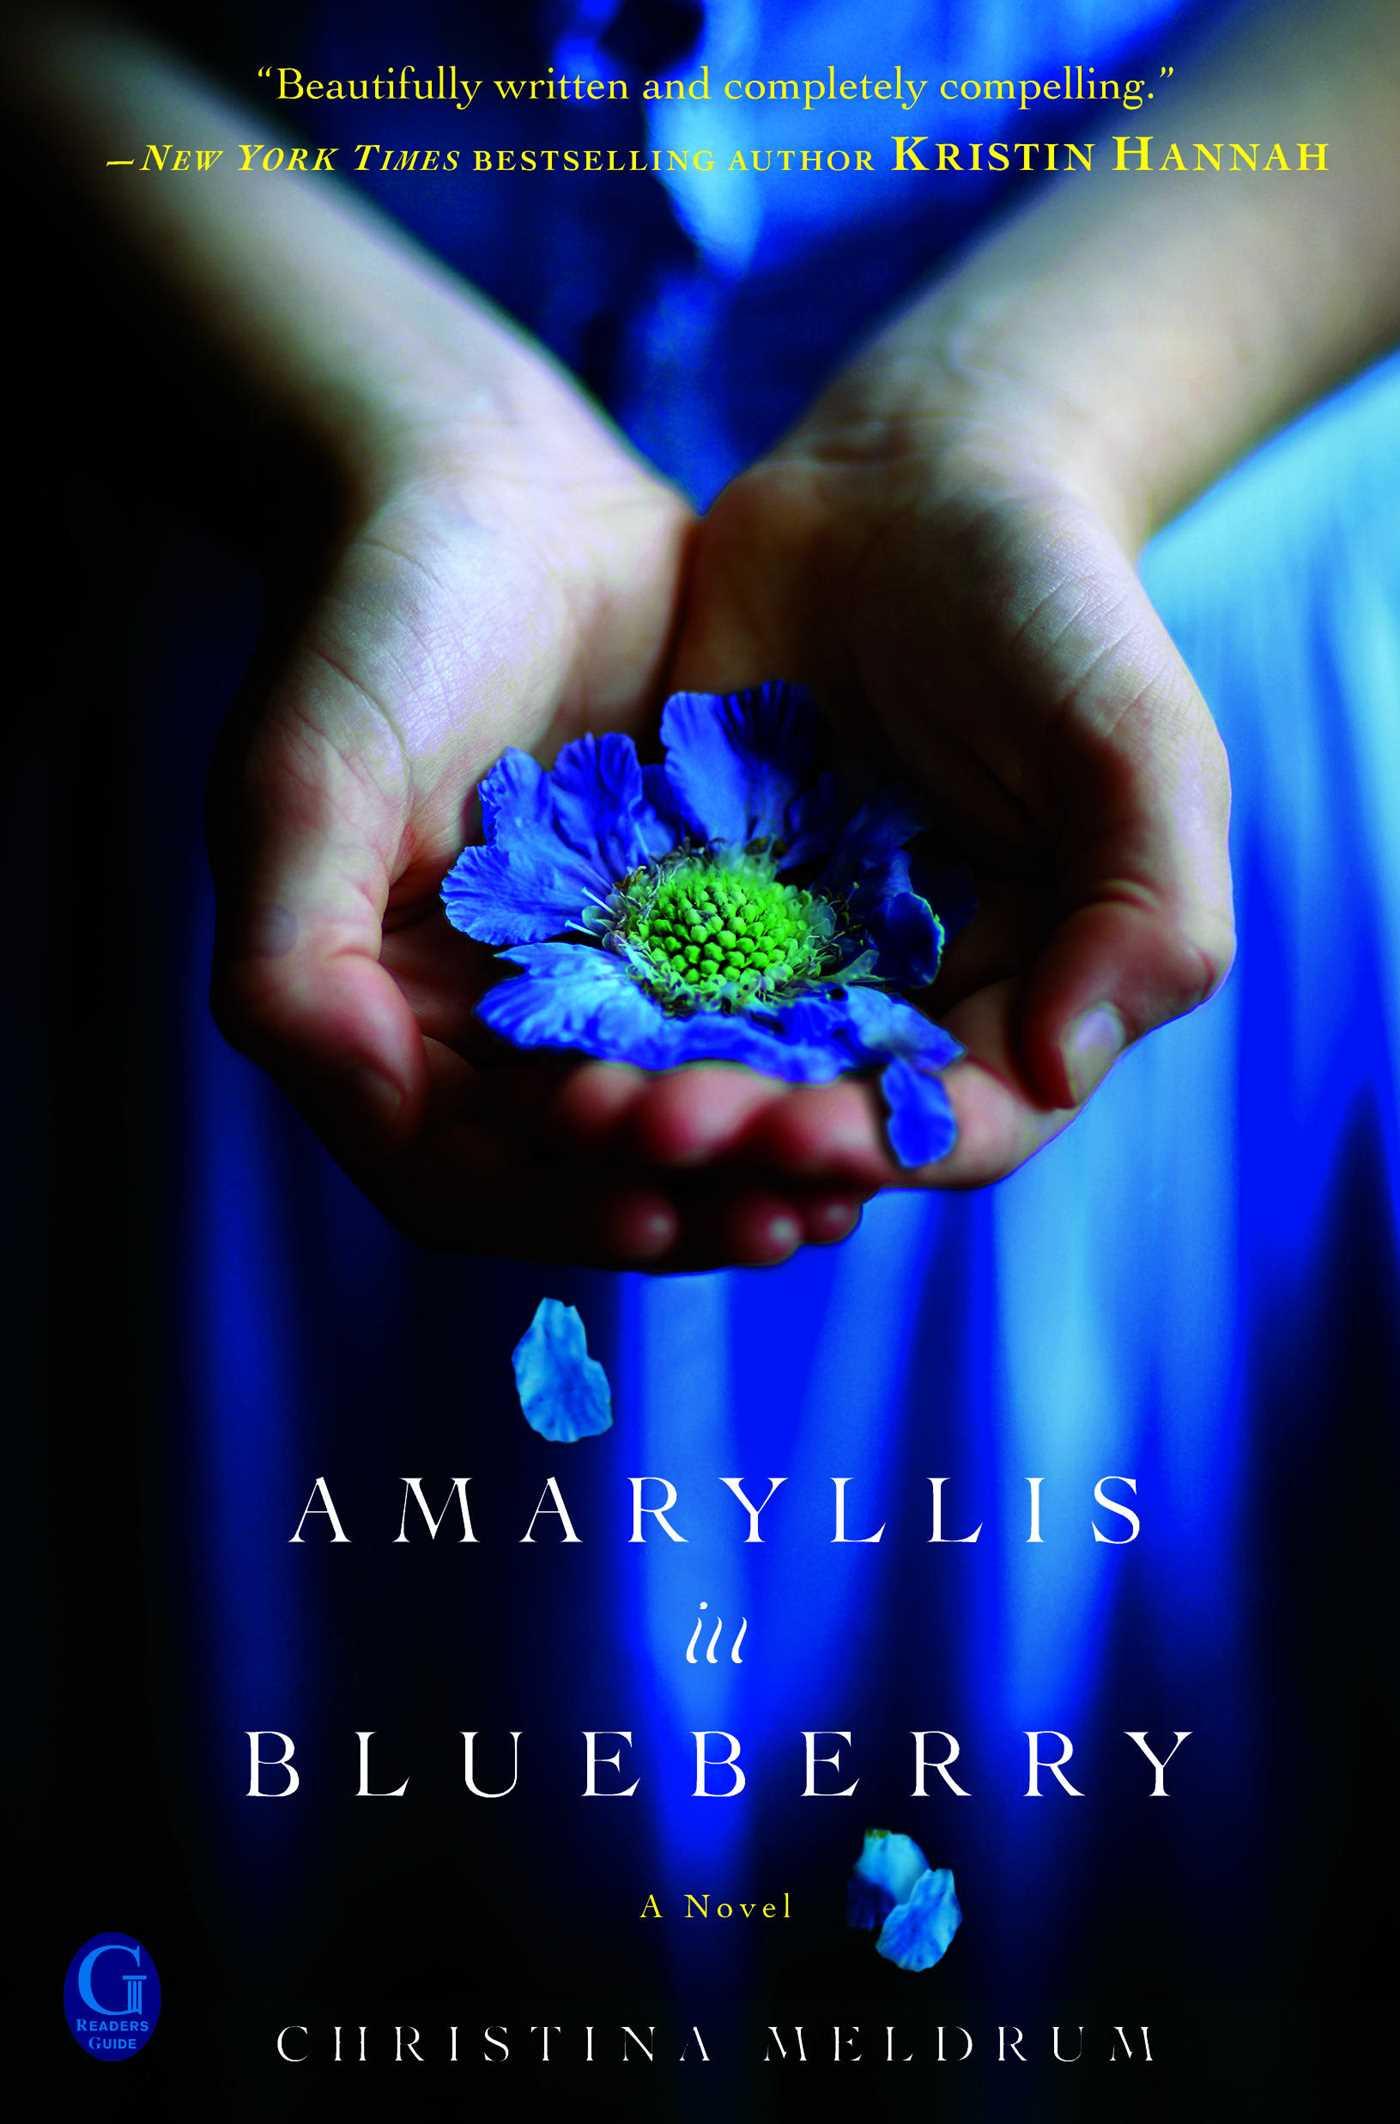 Amaryllis in blueberry 9781439195369 hr